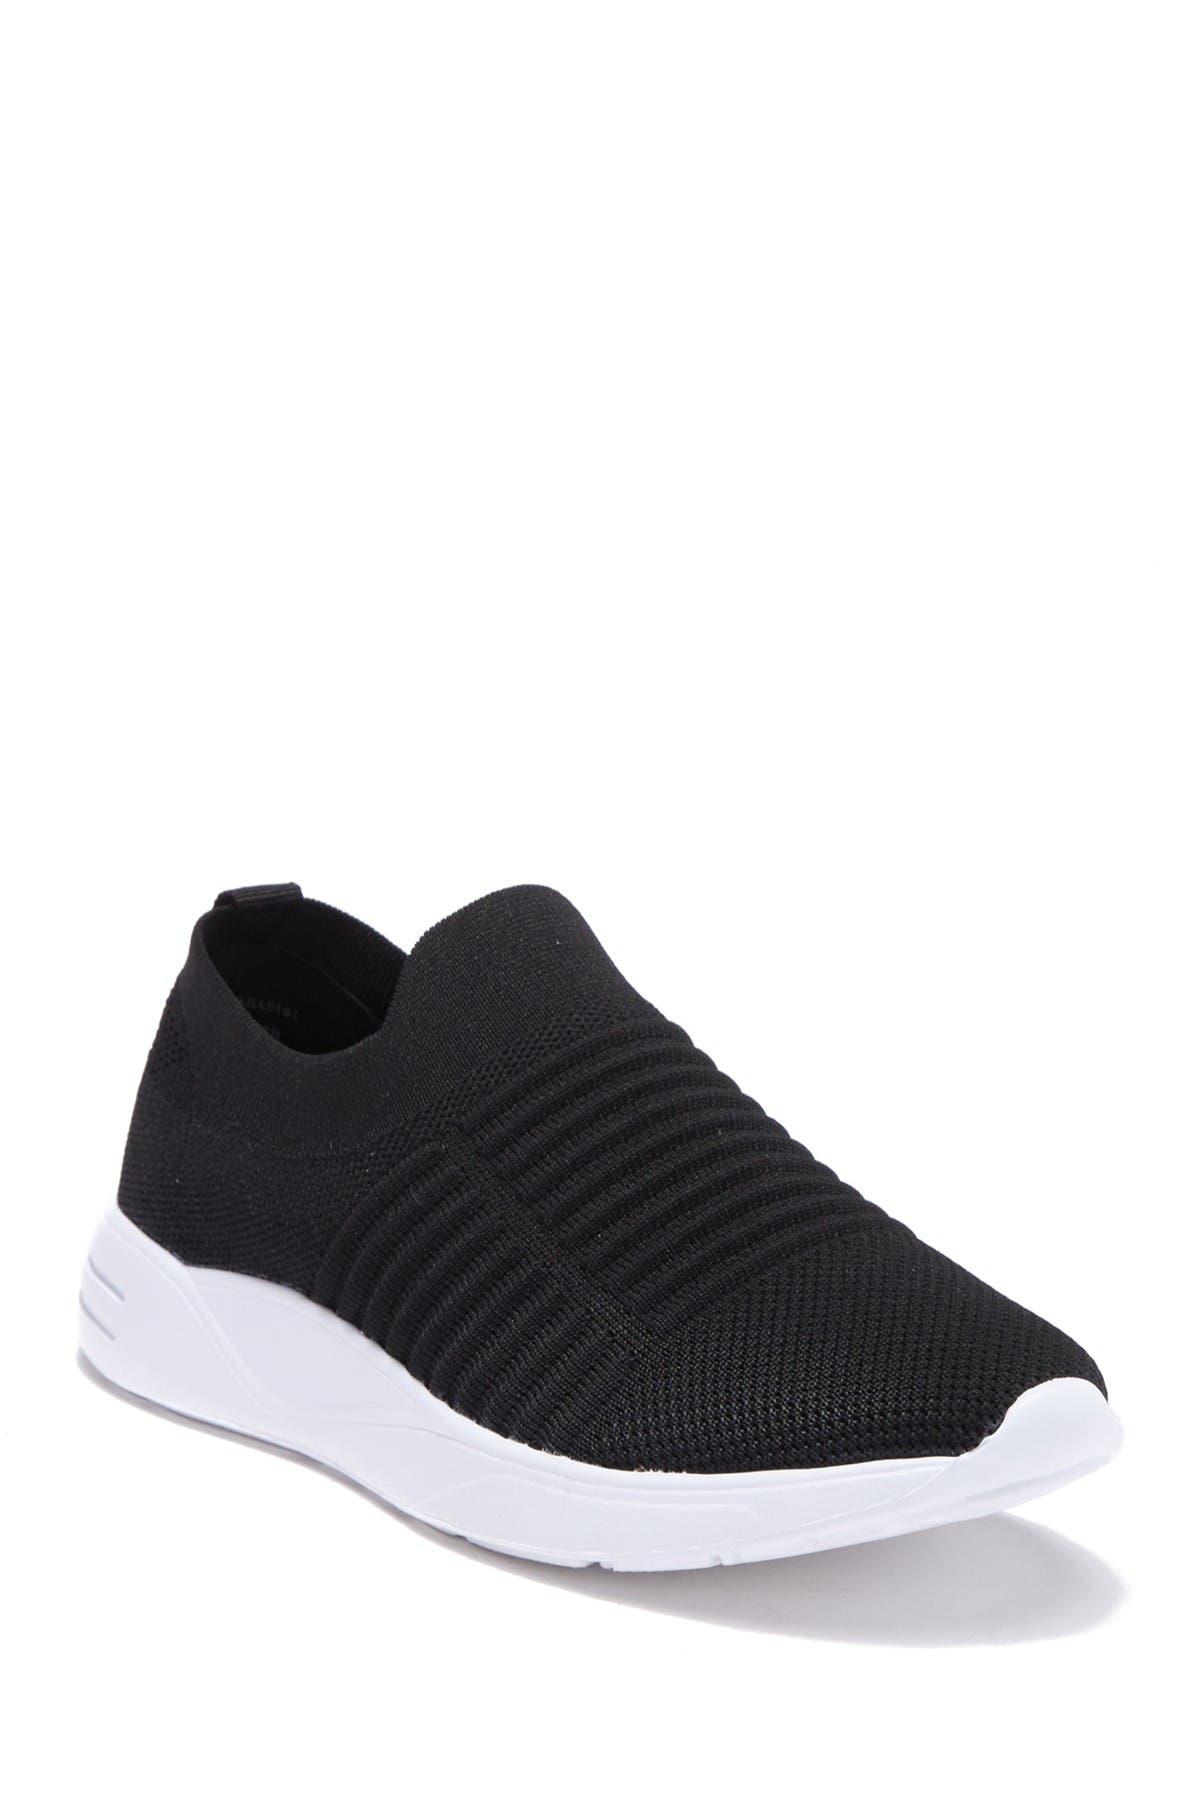 Steve Madden | Lillian Slip-On Sneaker